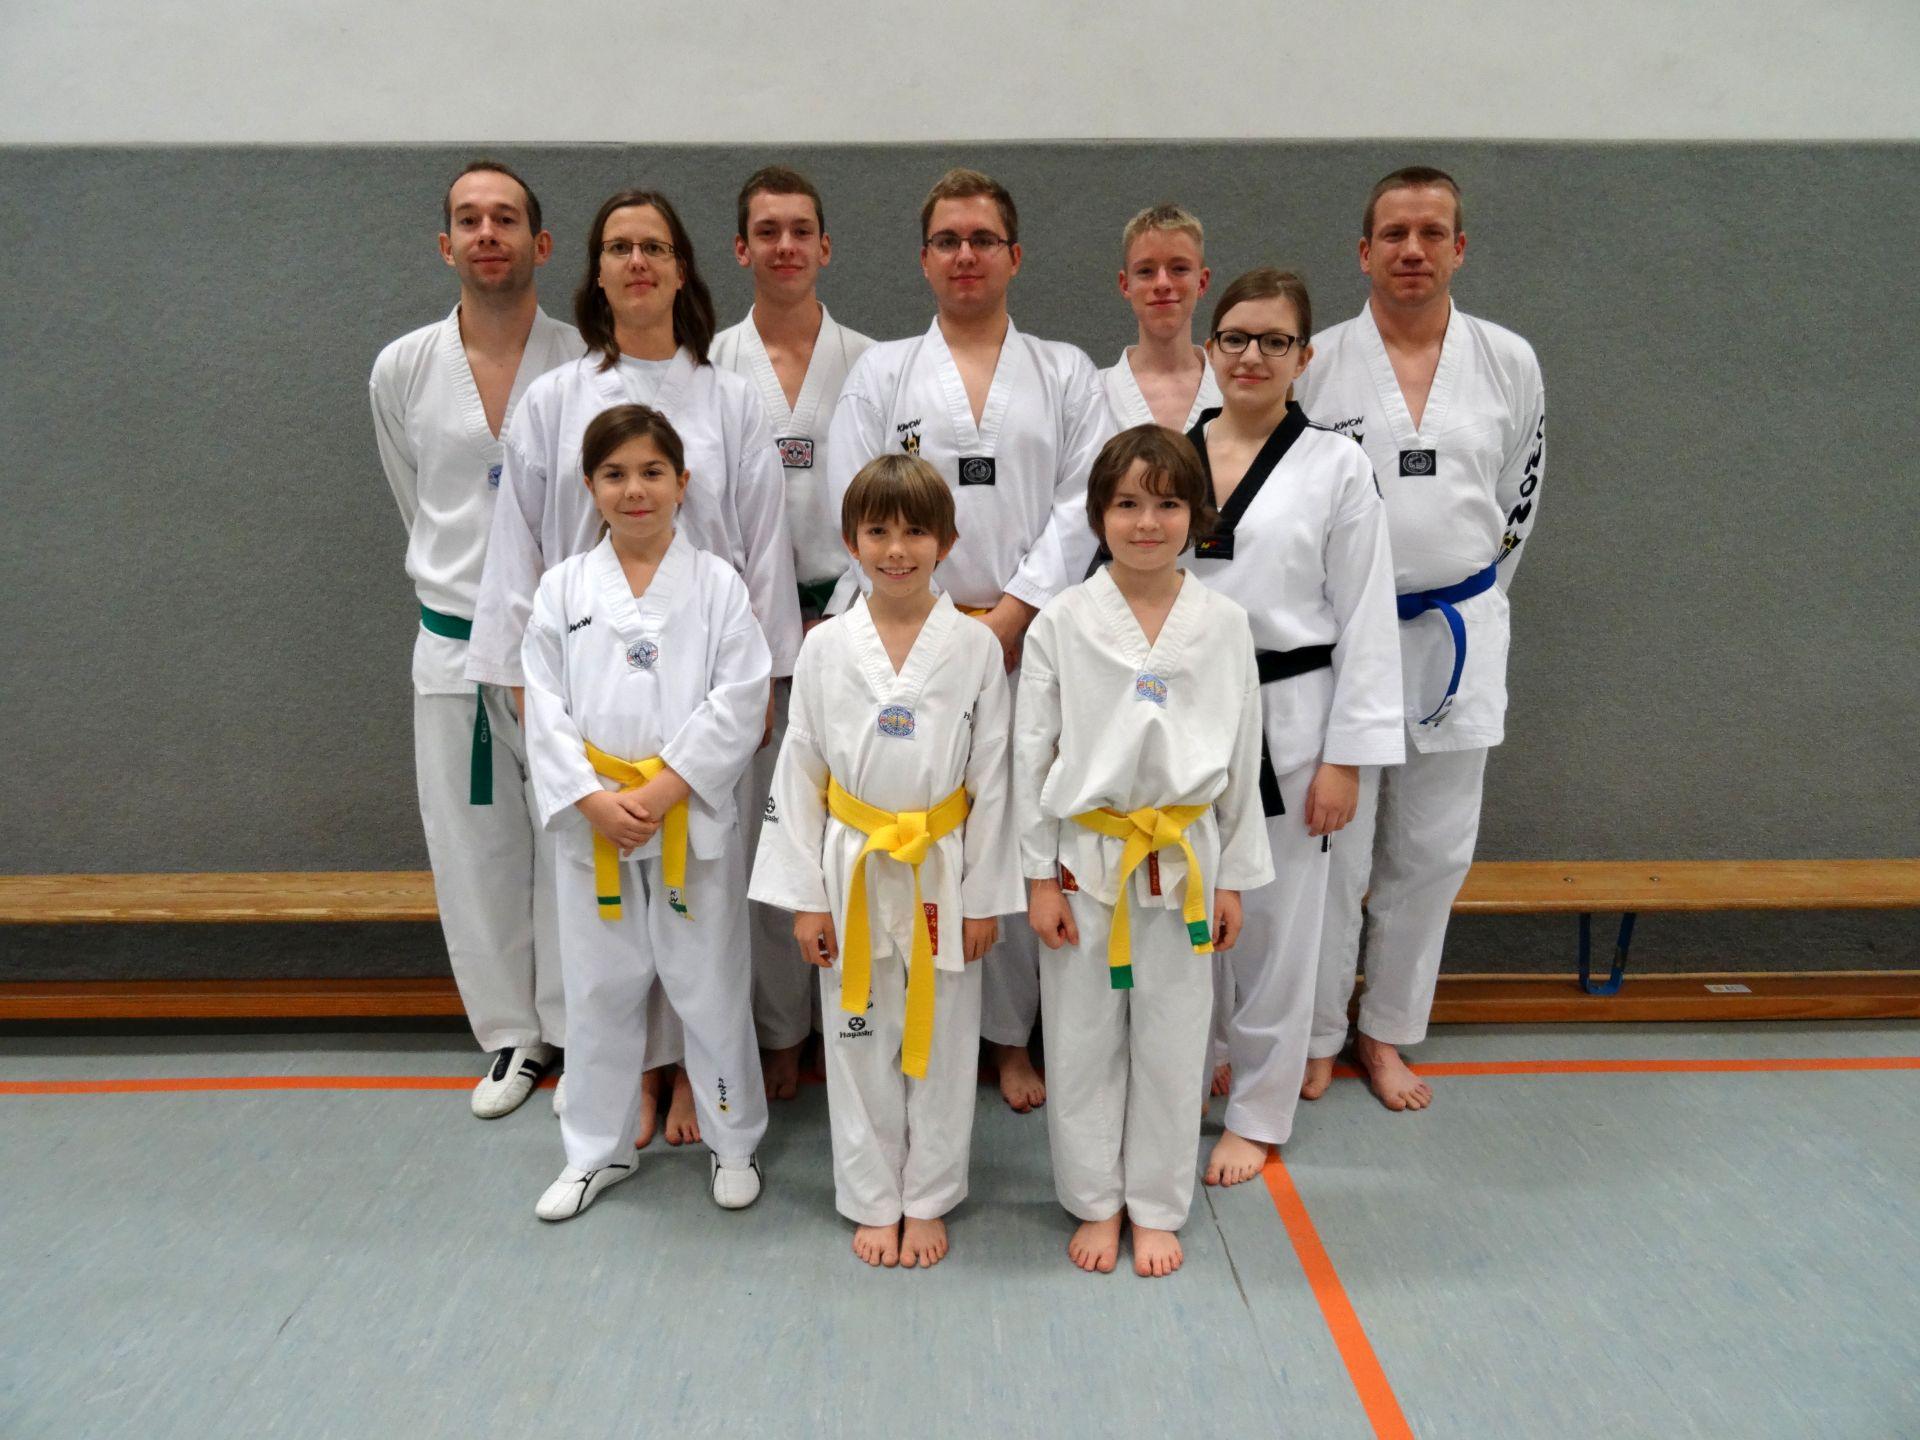 Erfolgreiche Teilnahme an Landesmeisterschaft 2014